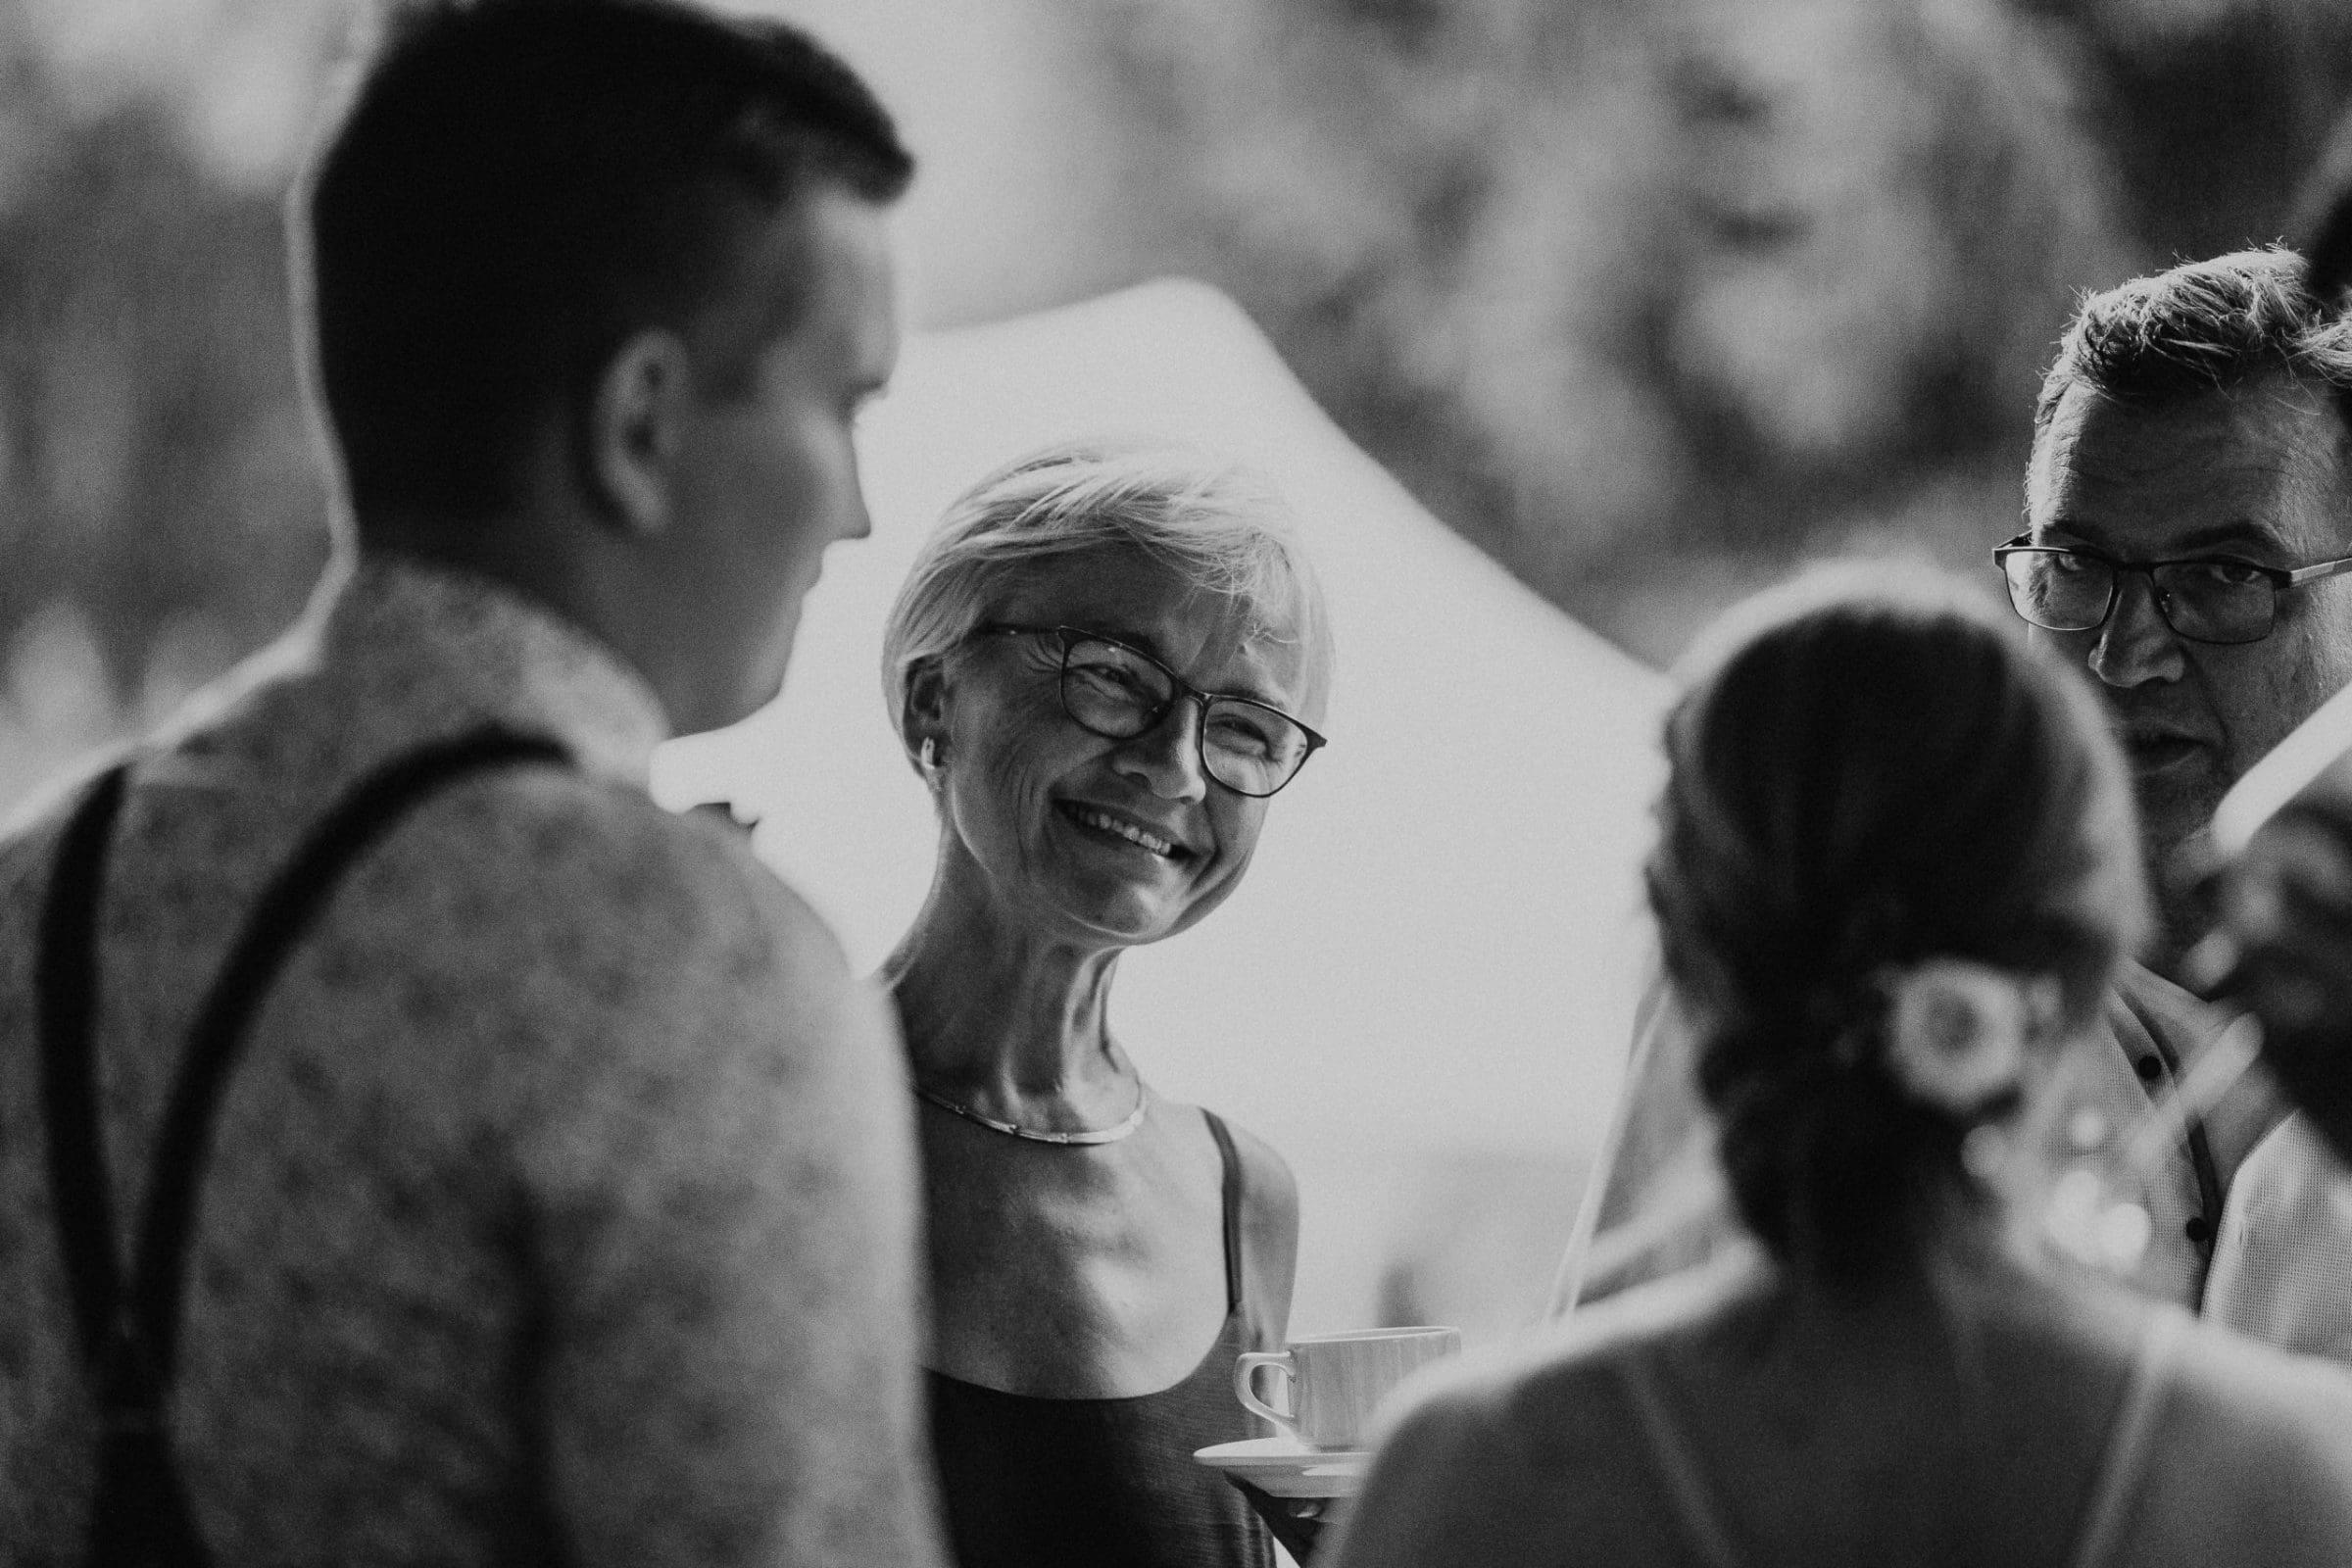 wedding guests, hochzeitsgäste, laughter, laughing, hochzeit berlin, mühle tornow